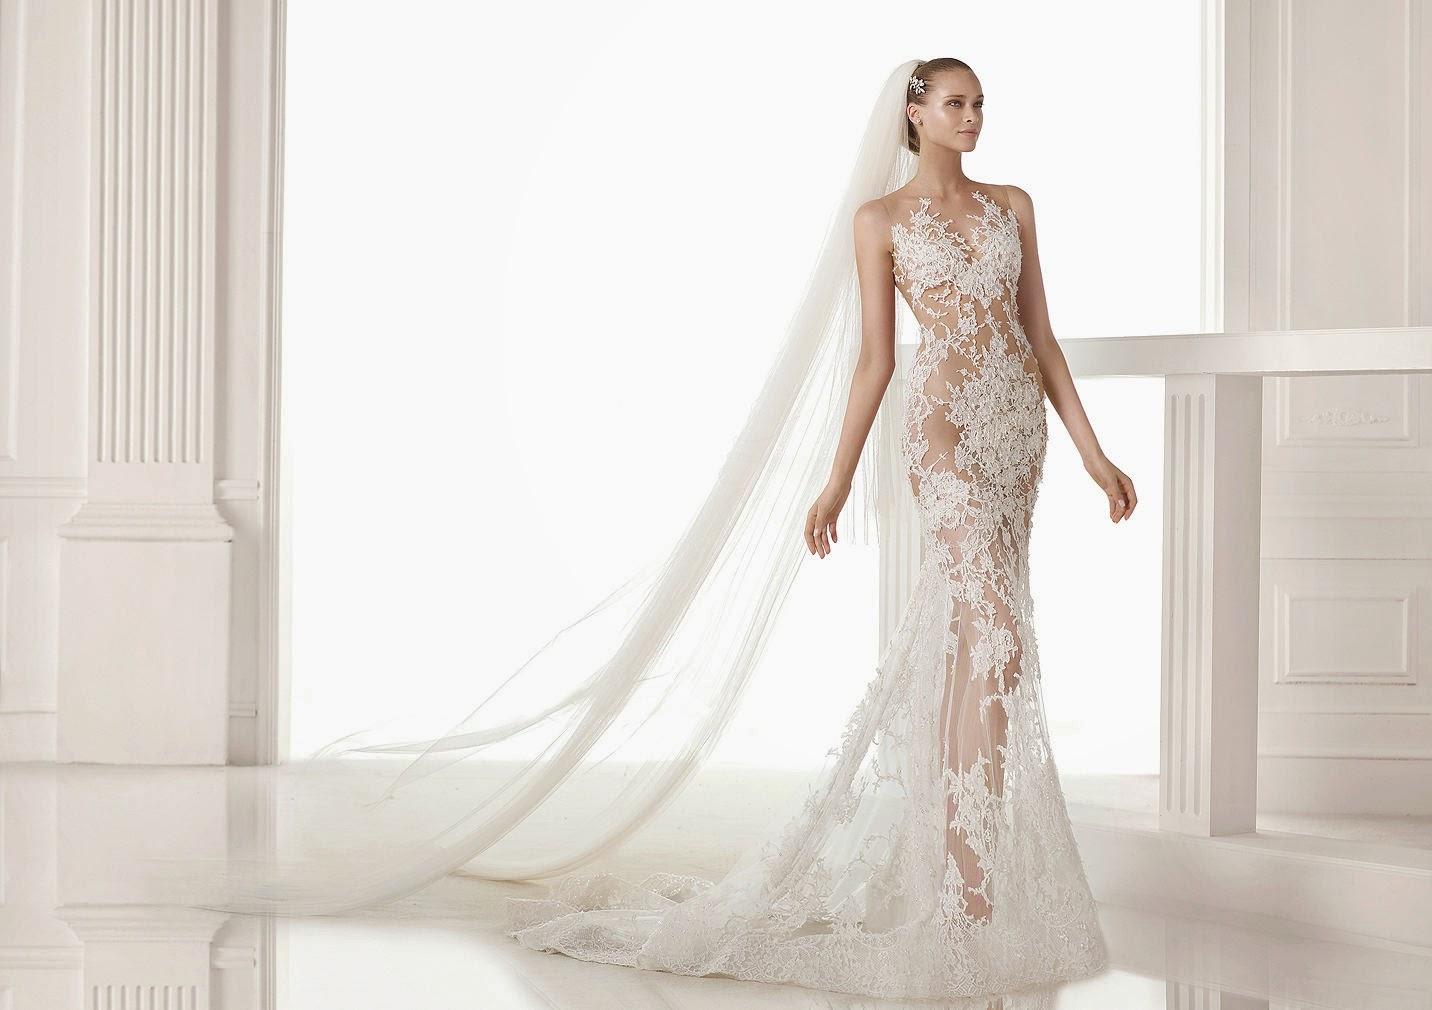 Brautkleid – Ihr großer Tag